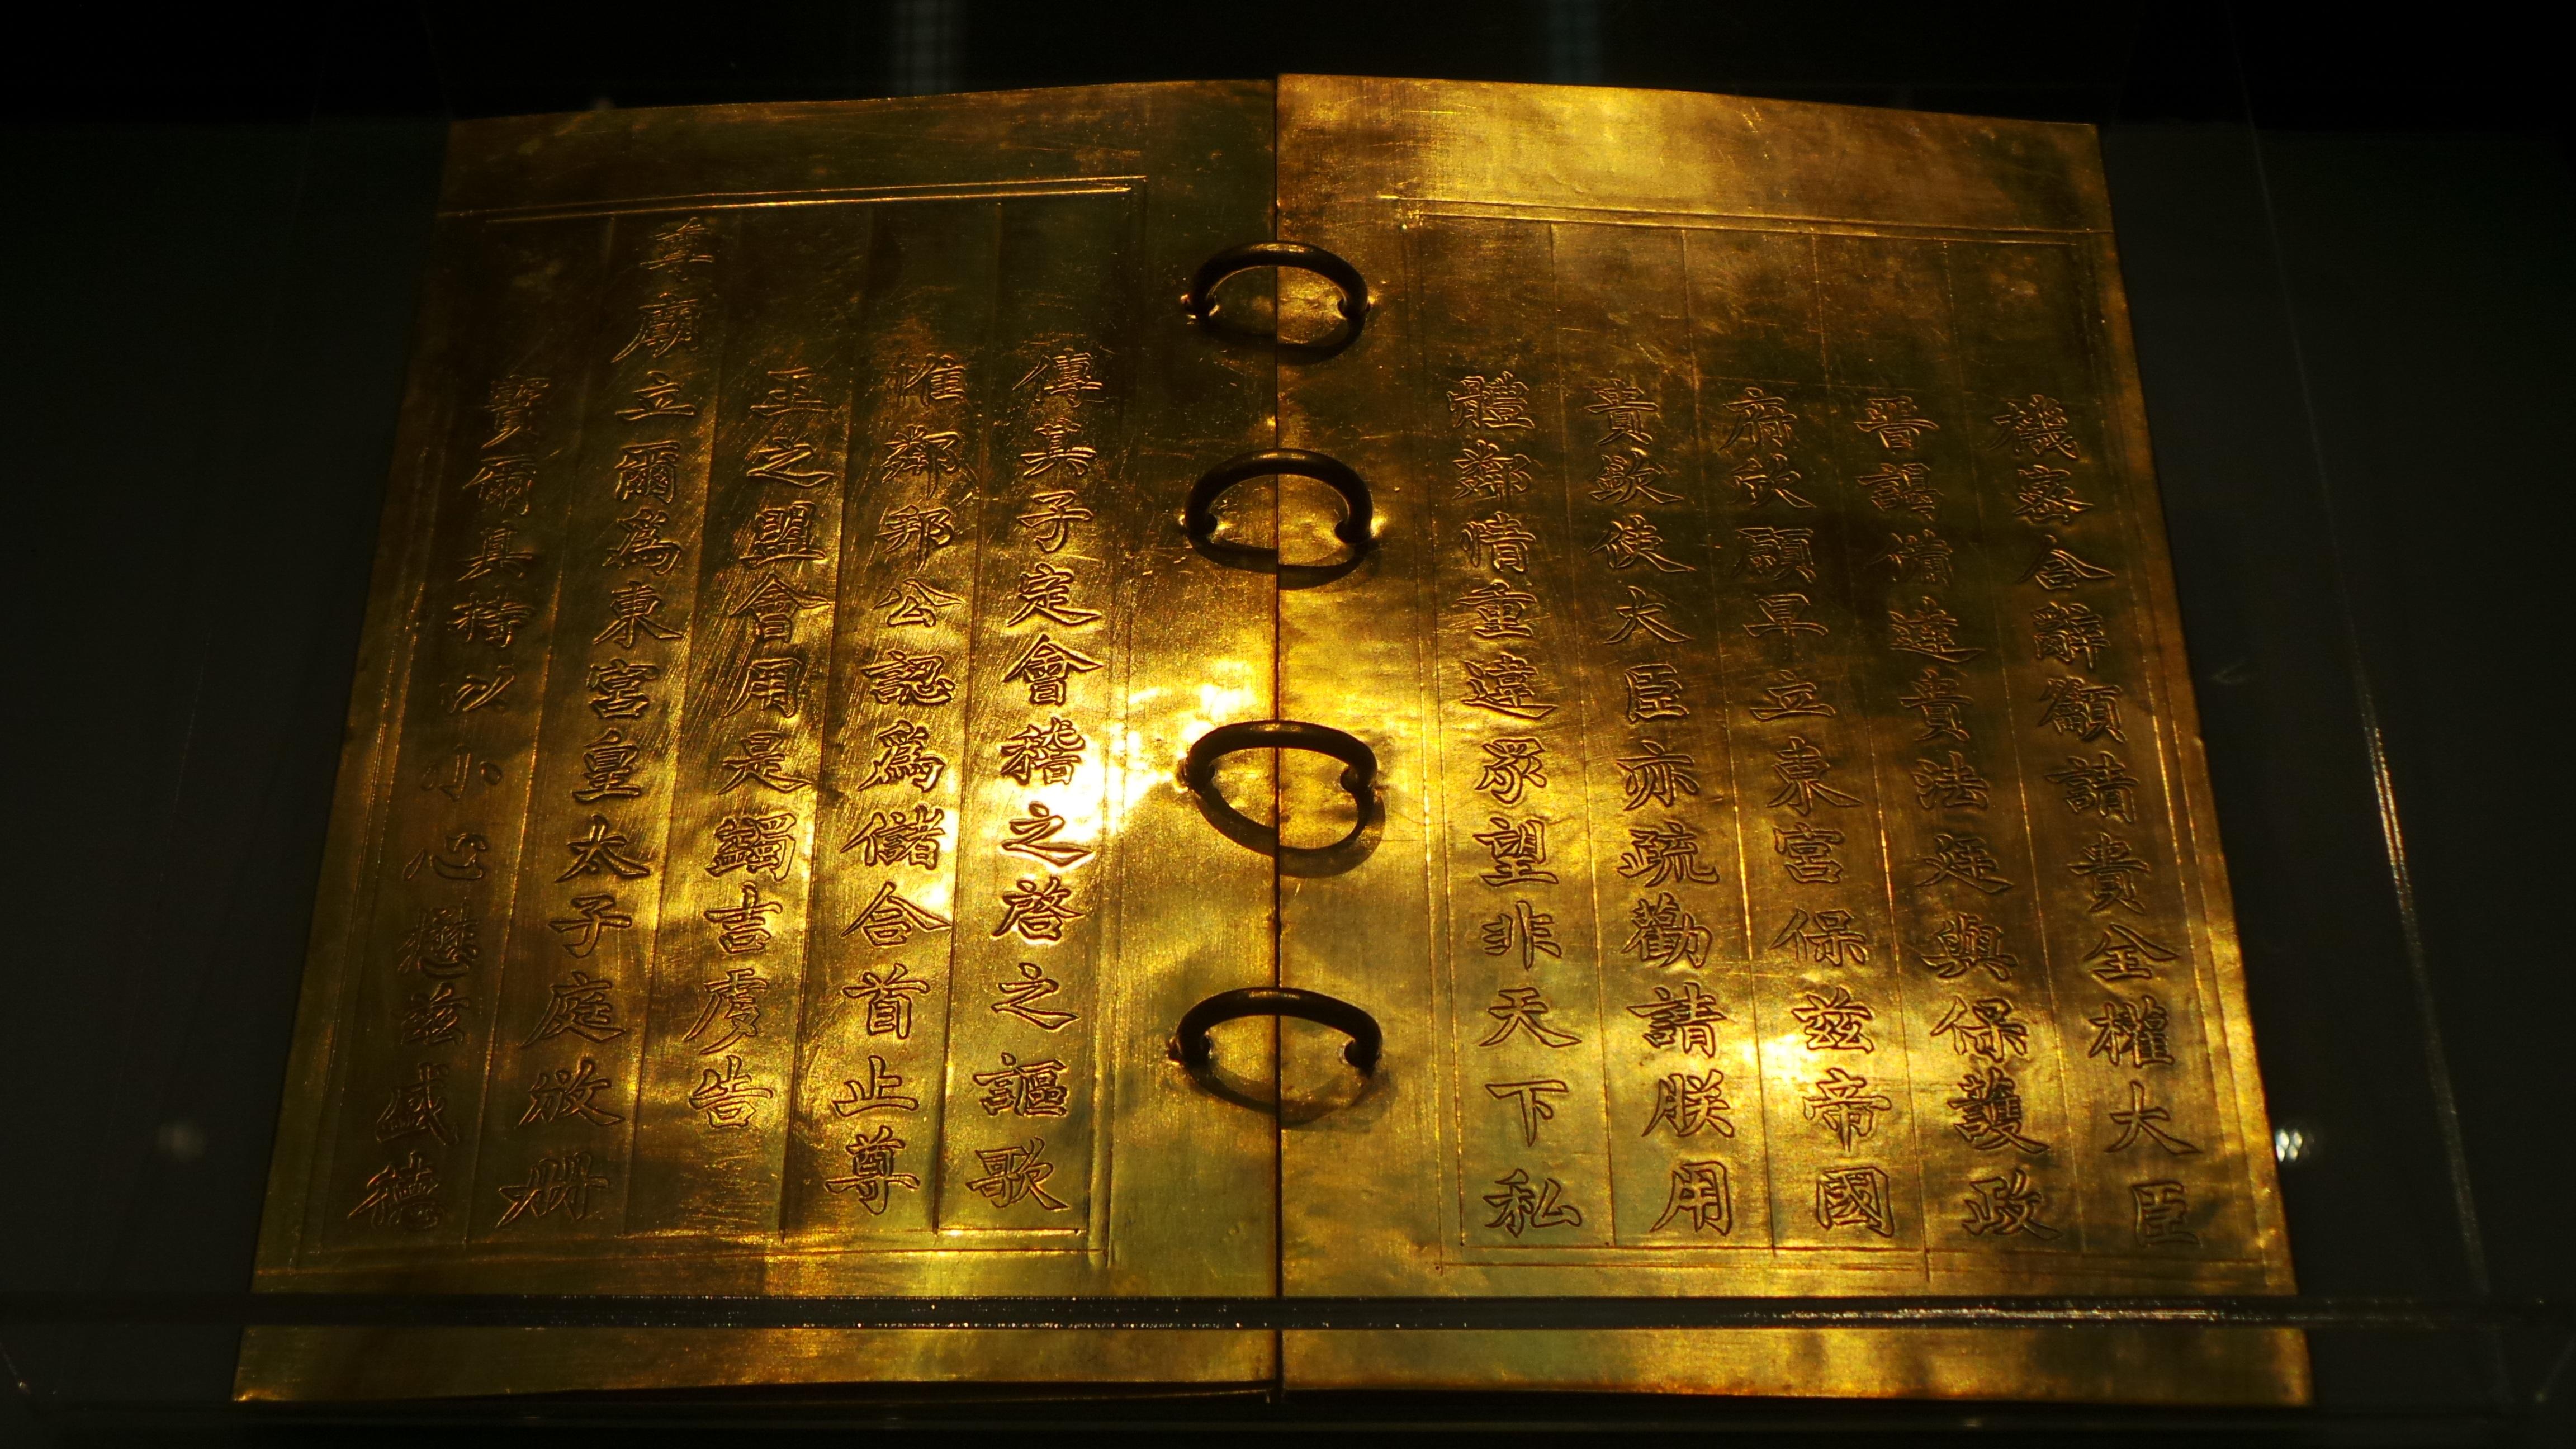 Kim sách bằng vàng niên hiệu Gia Long thứ 5 (1806). Hoàng đế Gia Long ca tụng công đức dâng tôn hiệu cho chúa Nguyễn Phúc Khoát - Hoàng tổ phụ (ông nội) của Hoàng đế Gia Long làm Càn Cương Uy Đoán Thần Nghị Thánh Du Nhân Từ Duệ Trí Hiếu Vũ Hoàng đế, niên hiệu là (Thế Tông Hoàng đế). Nguyễn Phúc Khoát (1714-1765) là vị chúa Nguyễn thứ 8 của chính quyền Đàng Trong là vị chúa đầu tiên xưng vương.